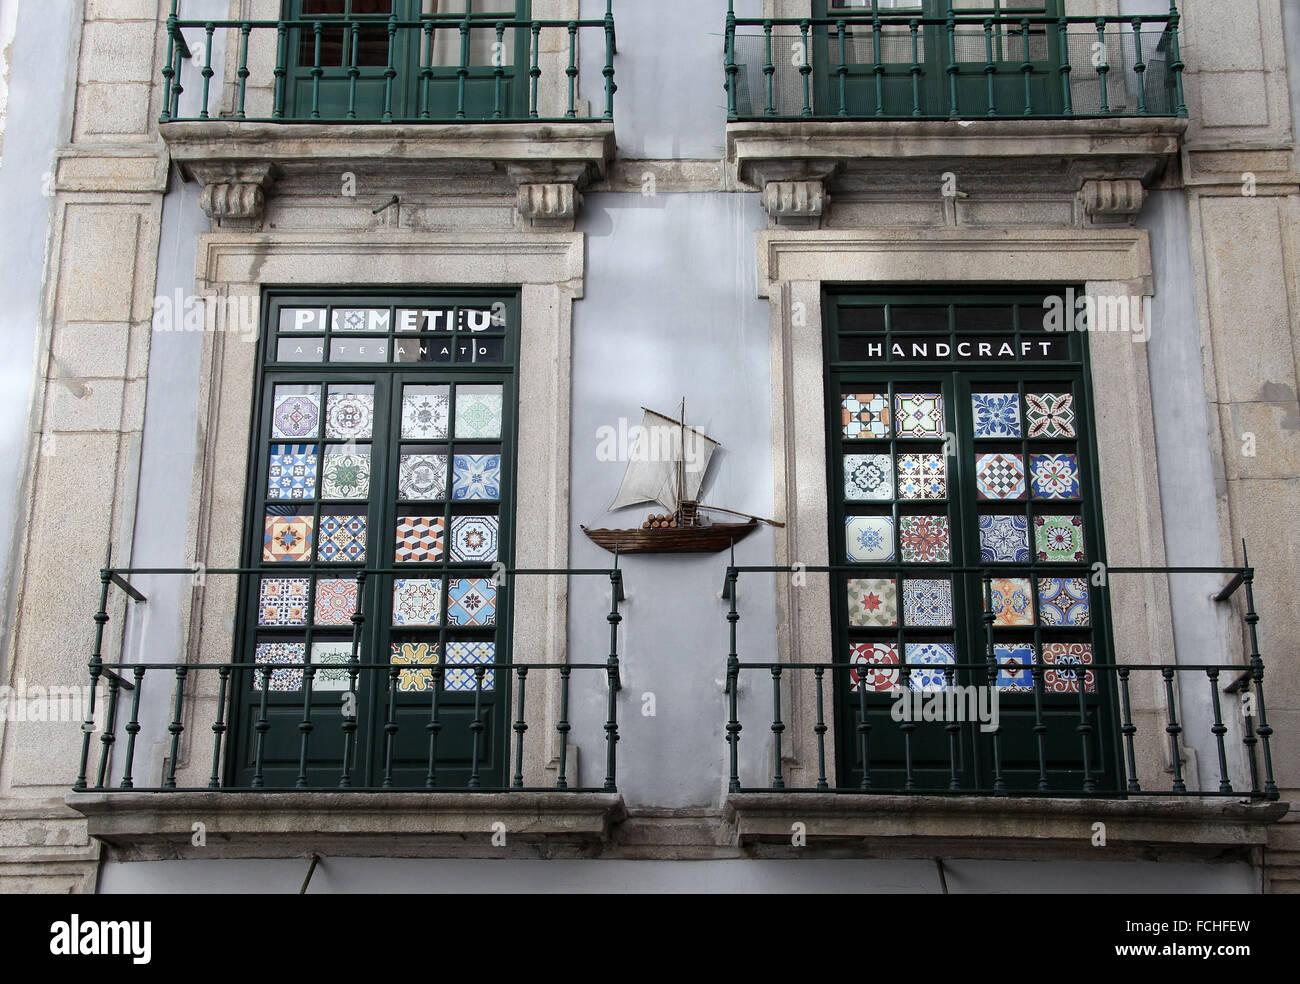 Ceramic Tile Shop in Porto Stock Photo, Royalty Free Image: 93813073 ...